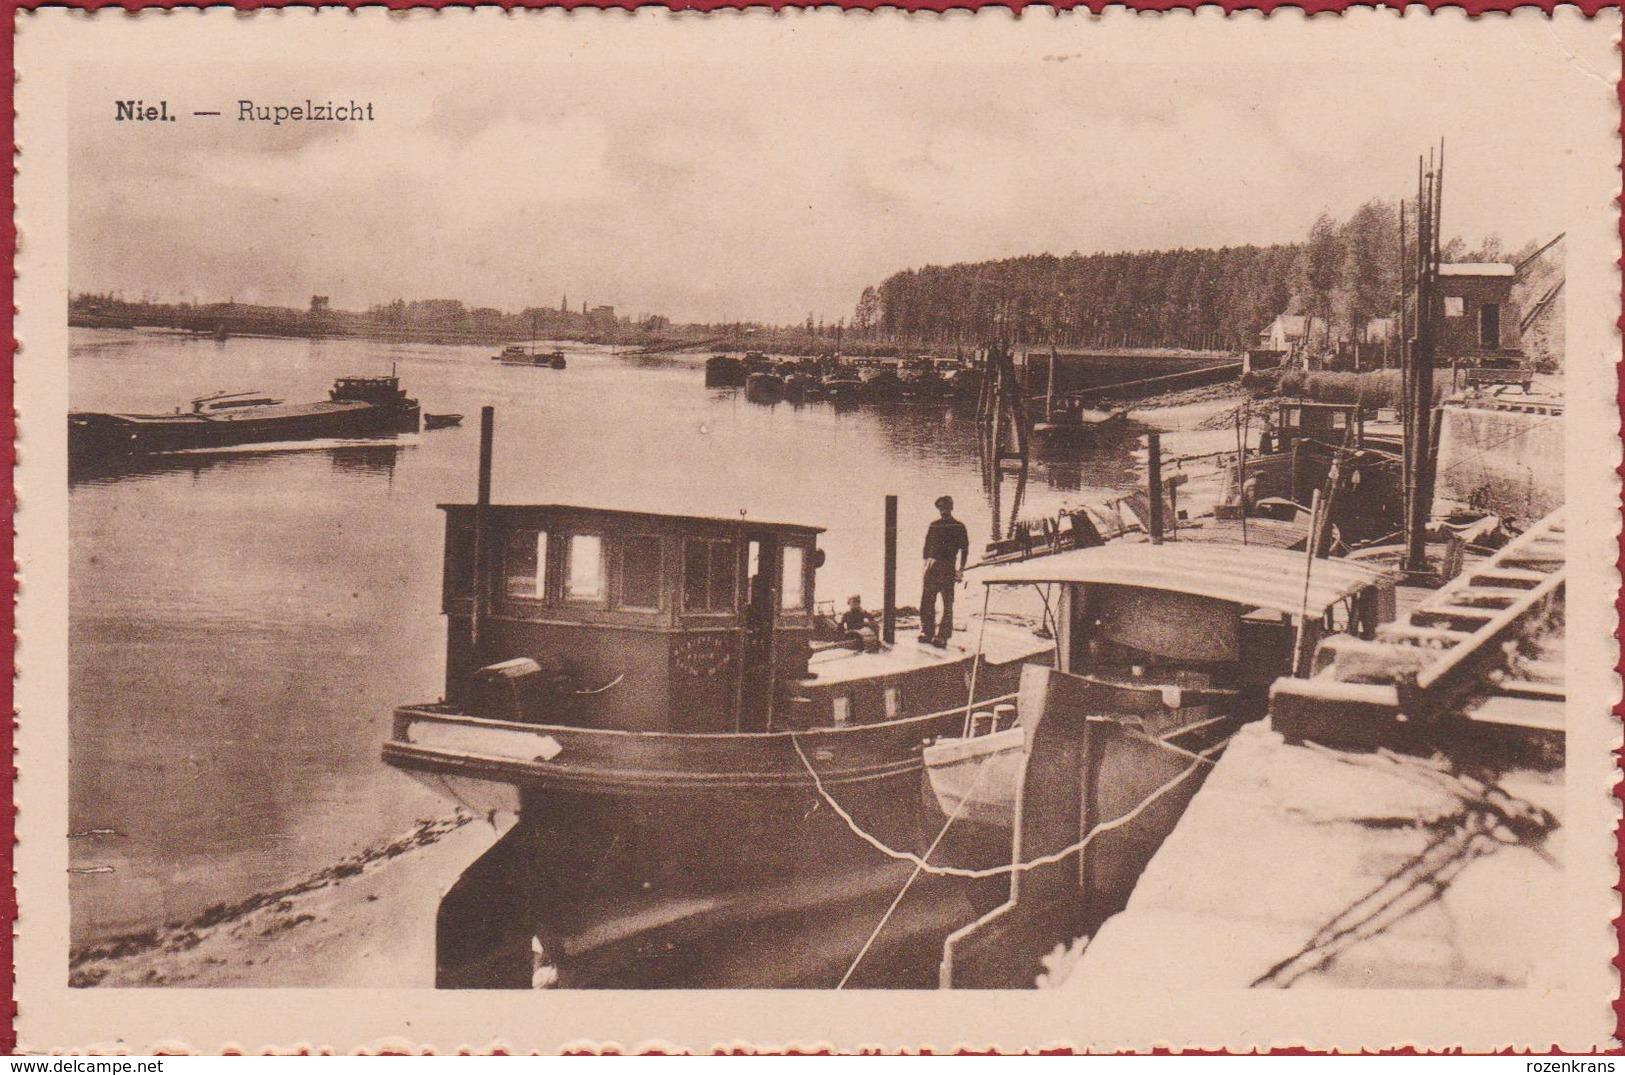 Niel Aan De Rupel Rupelzicht Barge Peniche Binnenschip Boat - Niel